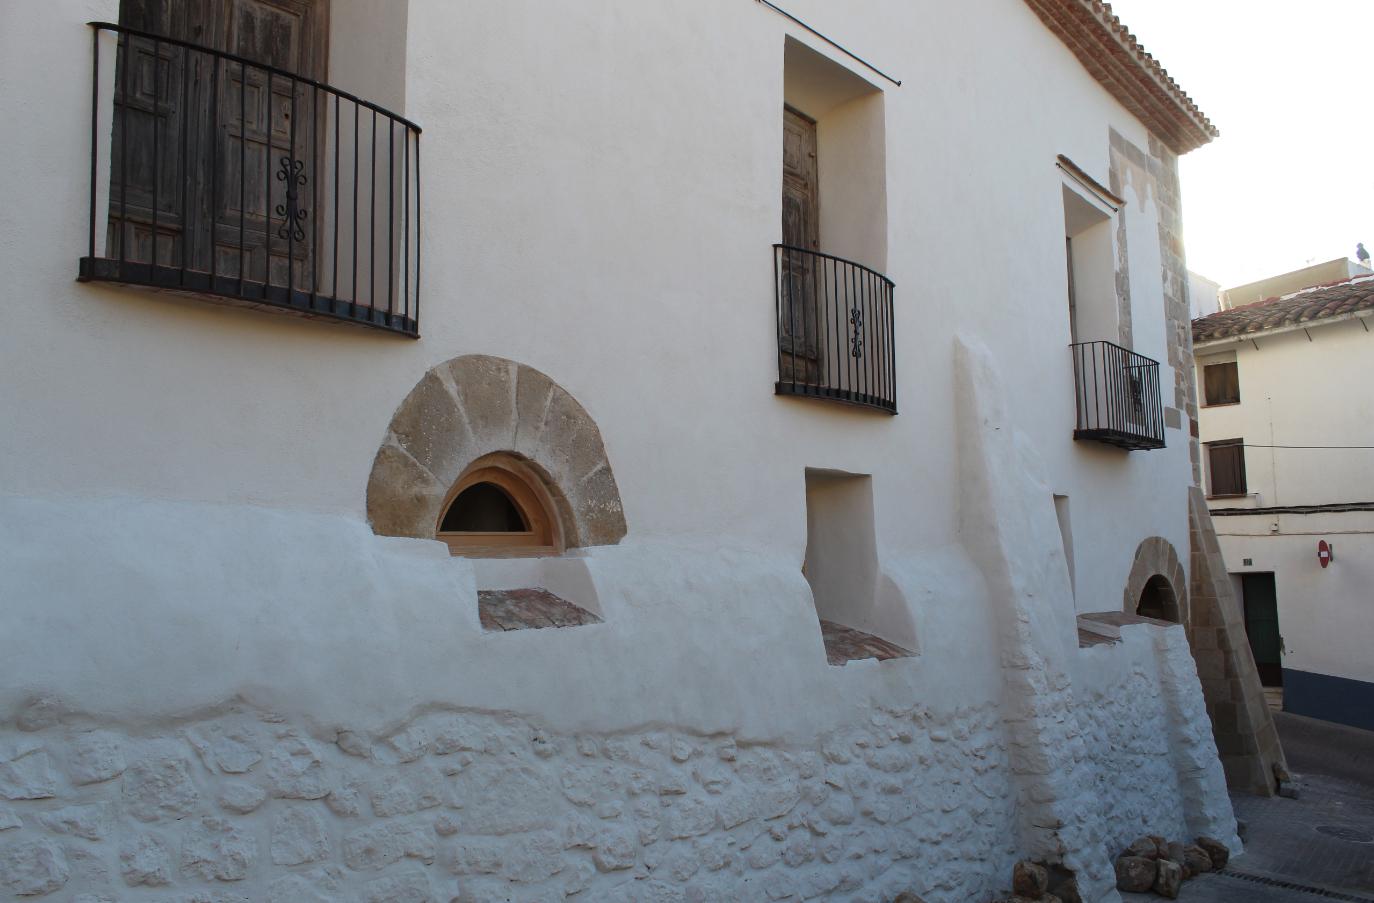 Les Coves de Vinromà rebrà 220.000 euros de la Generalitat per a la rehabilitació de la Casa Senyorial